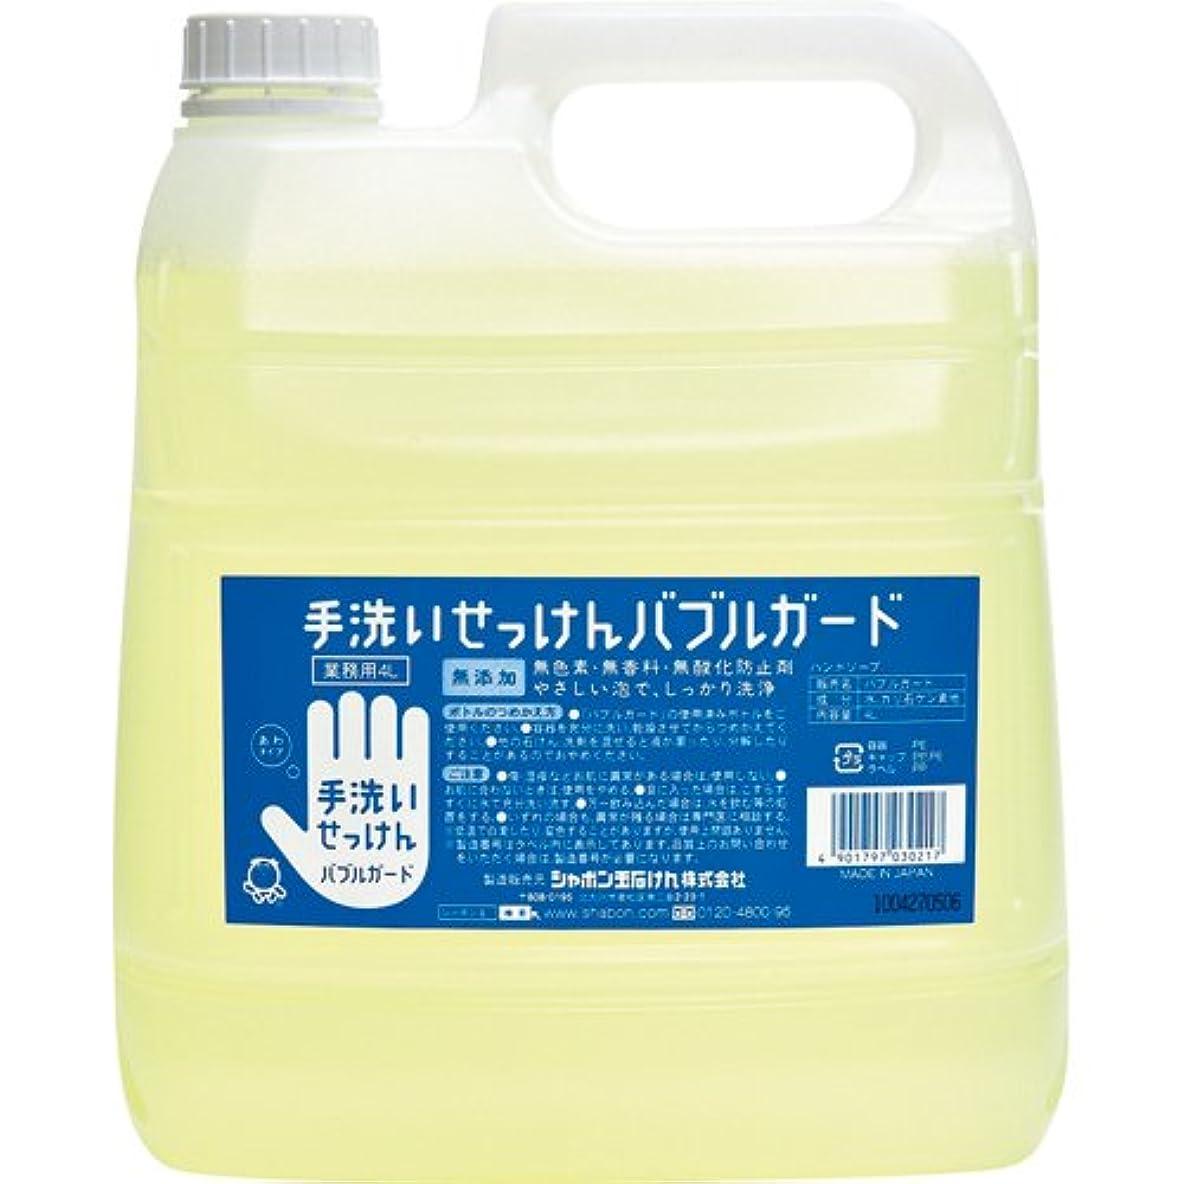 オデュッセウス持っているしばしば[シャボン玉石けん 1692542] (ケア商品)手洗いせっけん バブルガード 泡タイプ 業務用 4L